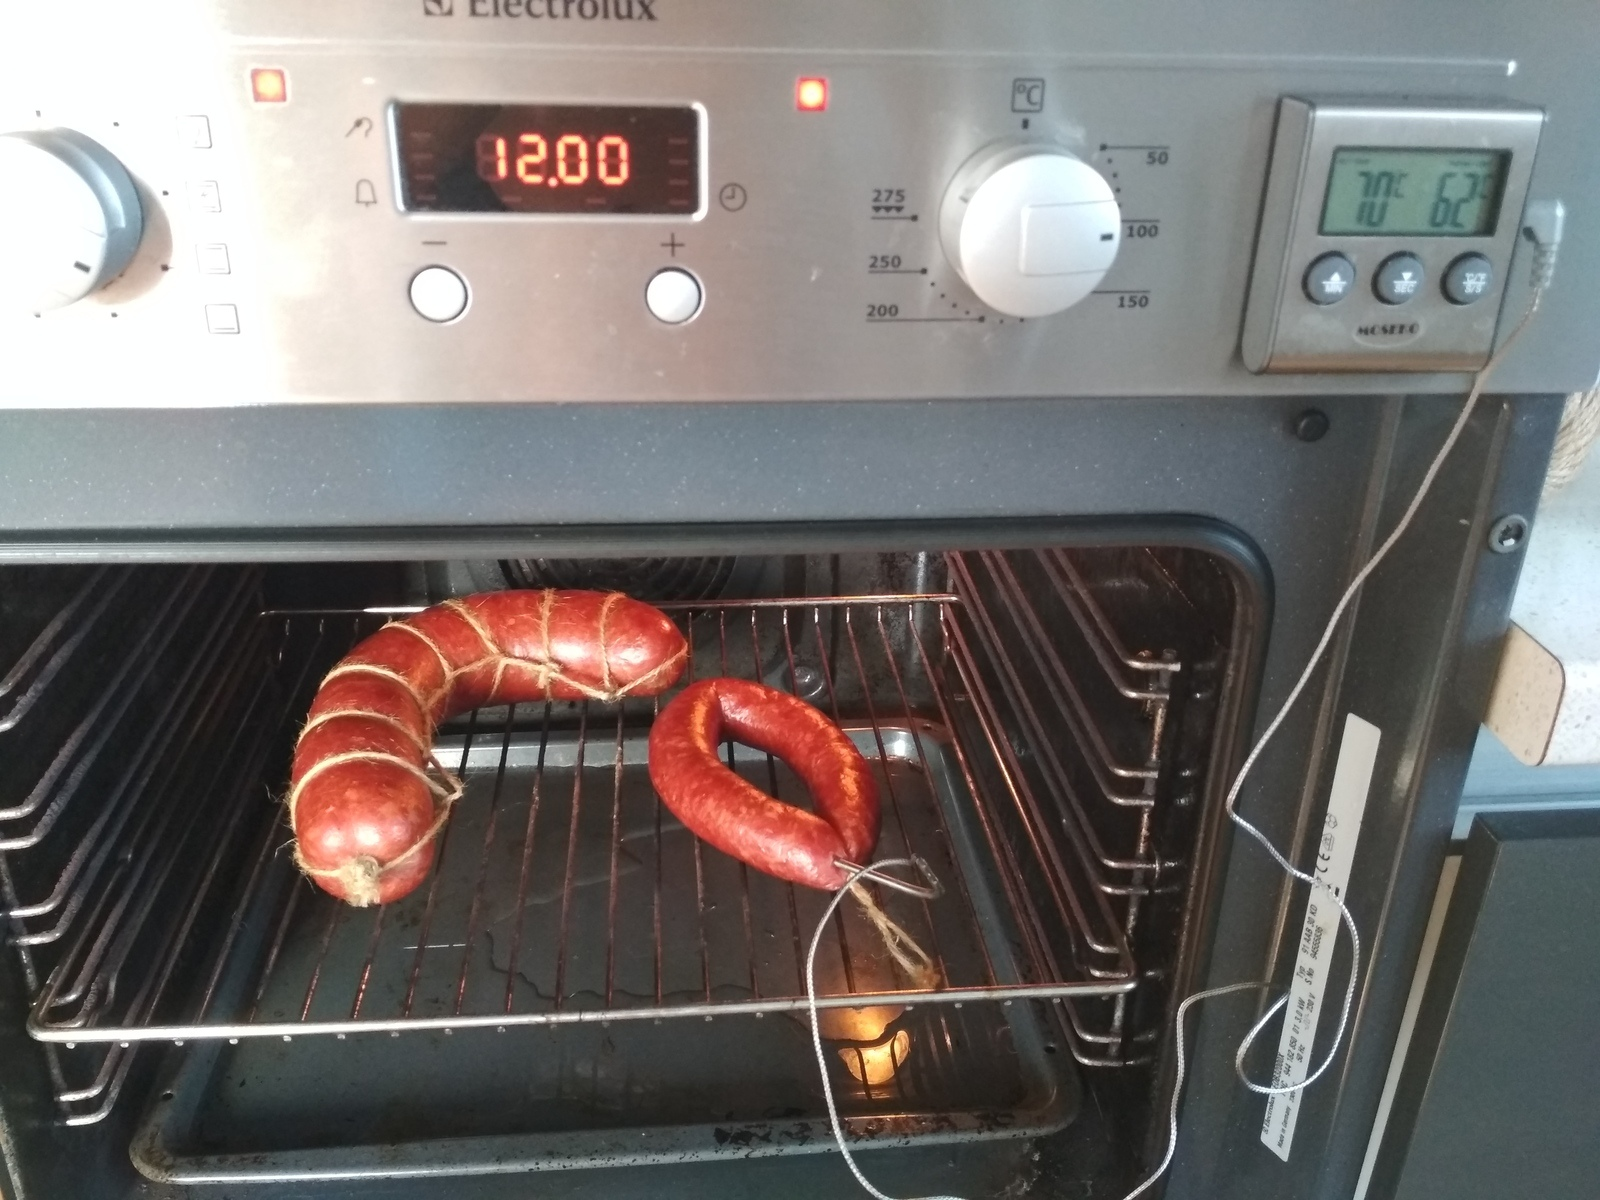 Советская колбаса, о которой я слышал и вот теперь попробовал.